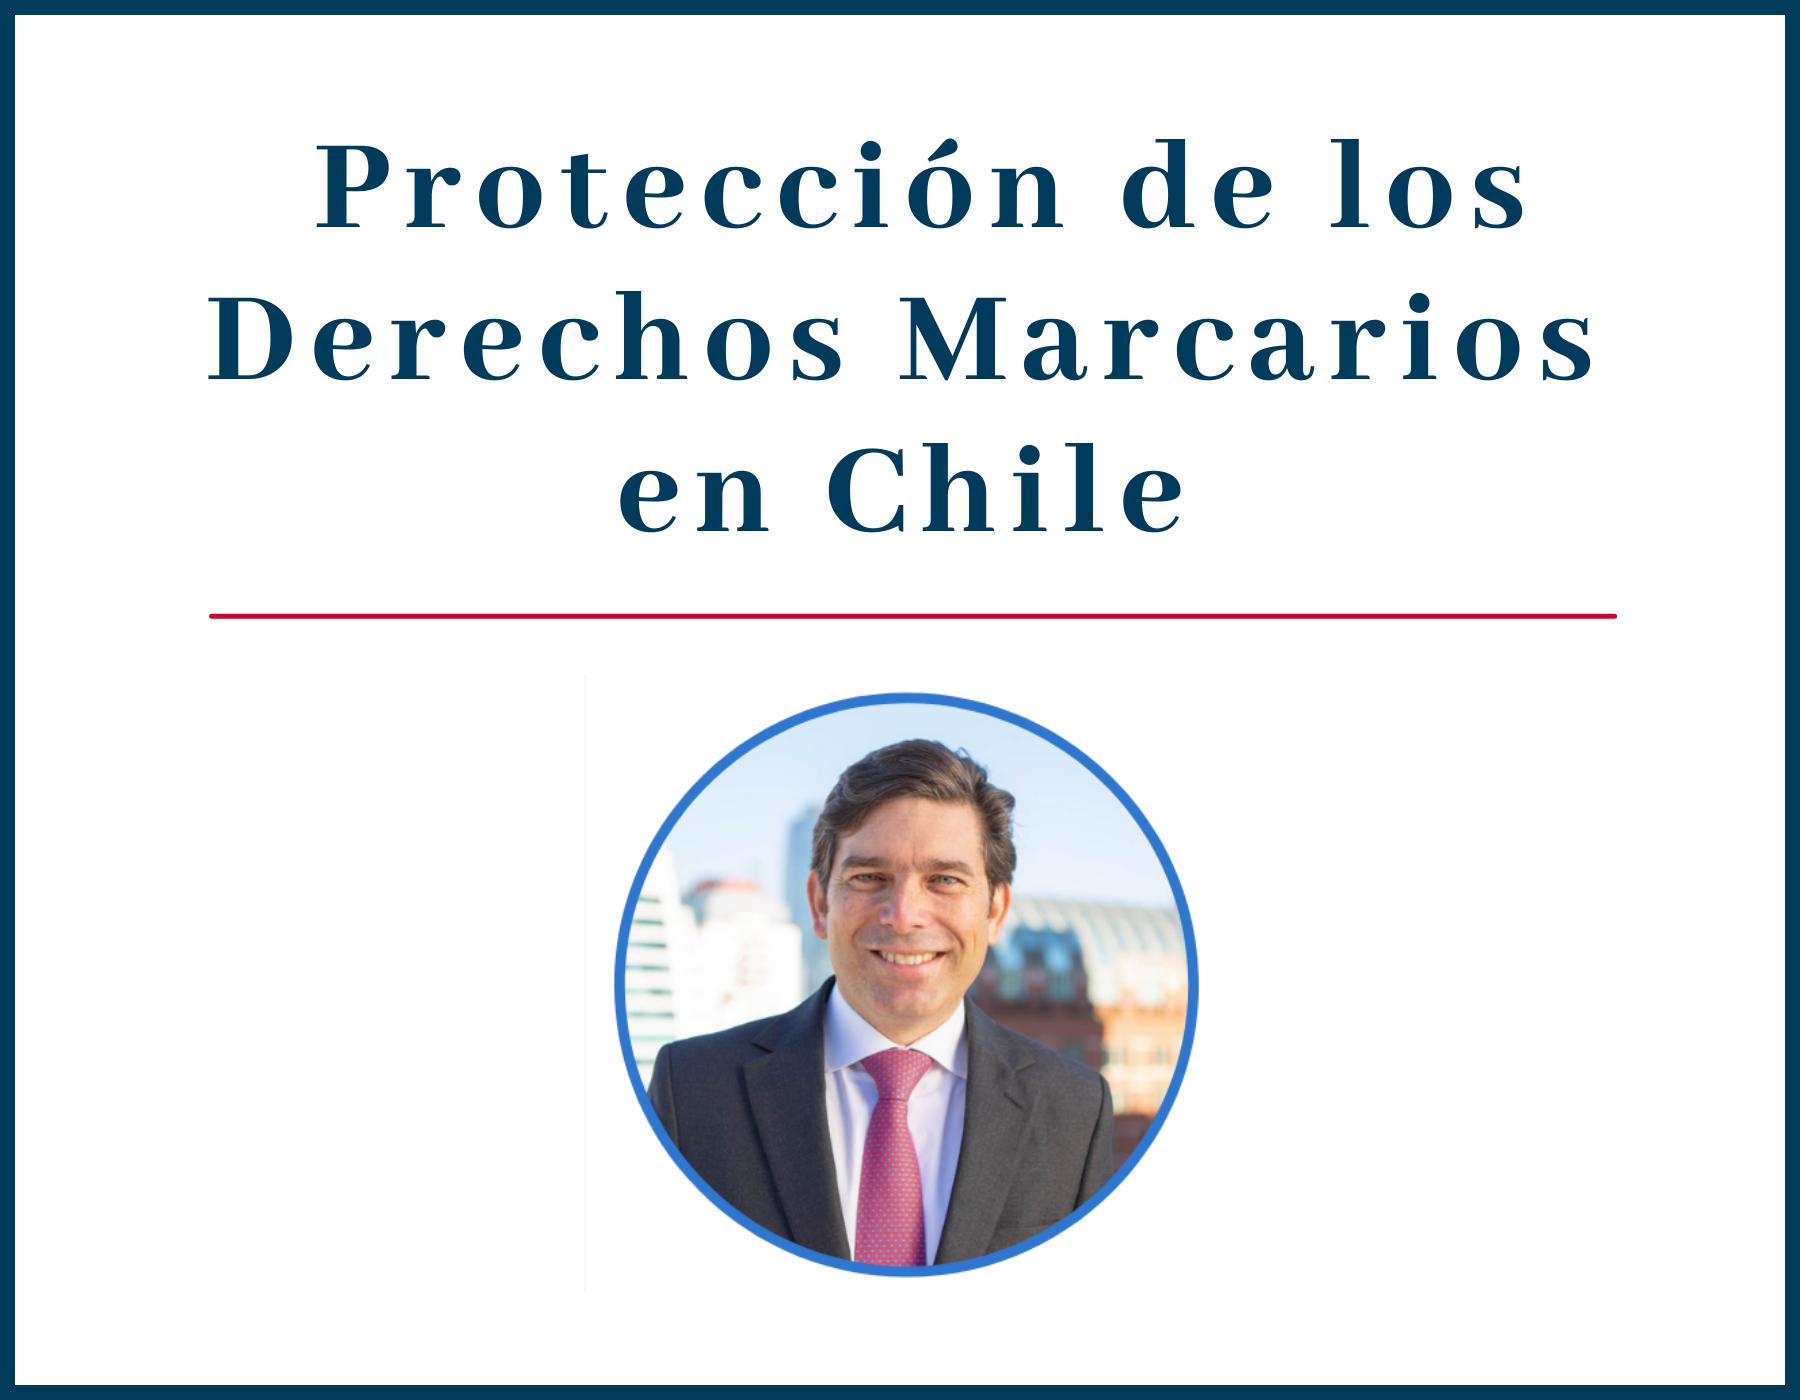 """Socio Arturo Covarrubias fue charlista invitado en la conferencia """"International Trademark Protection for US Trademark Owners in Chile""""."""